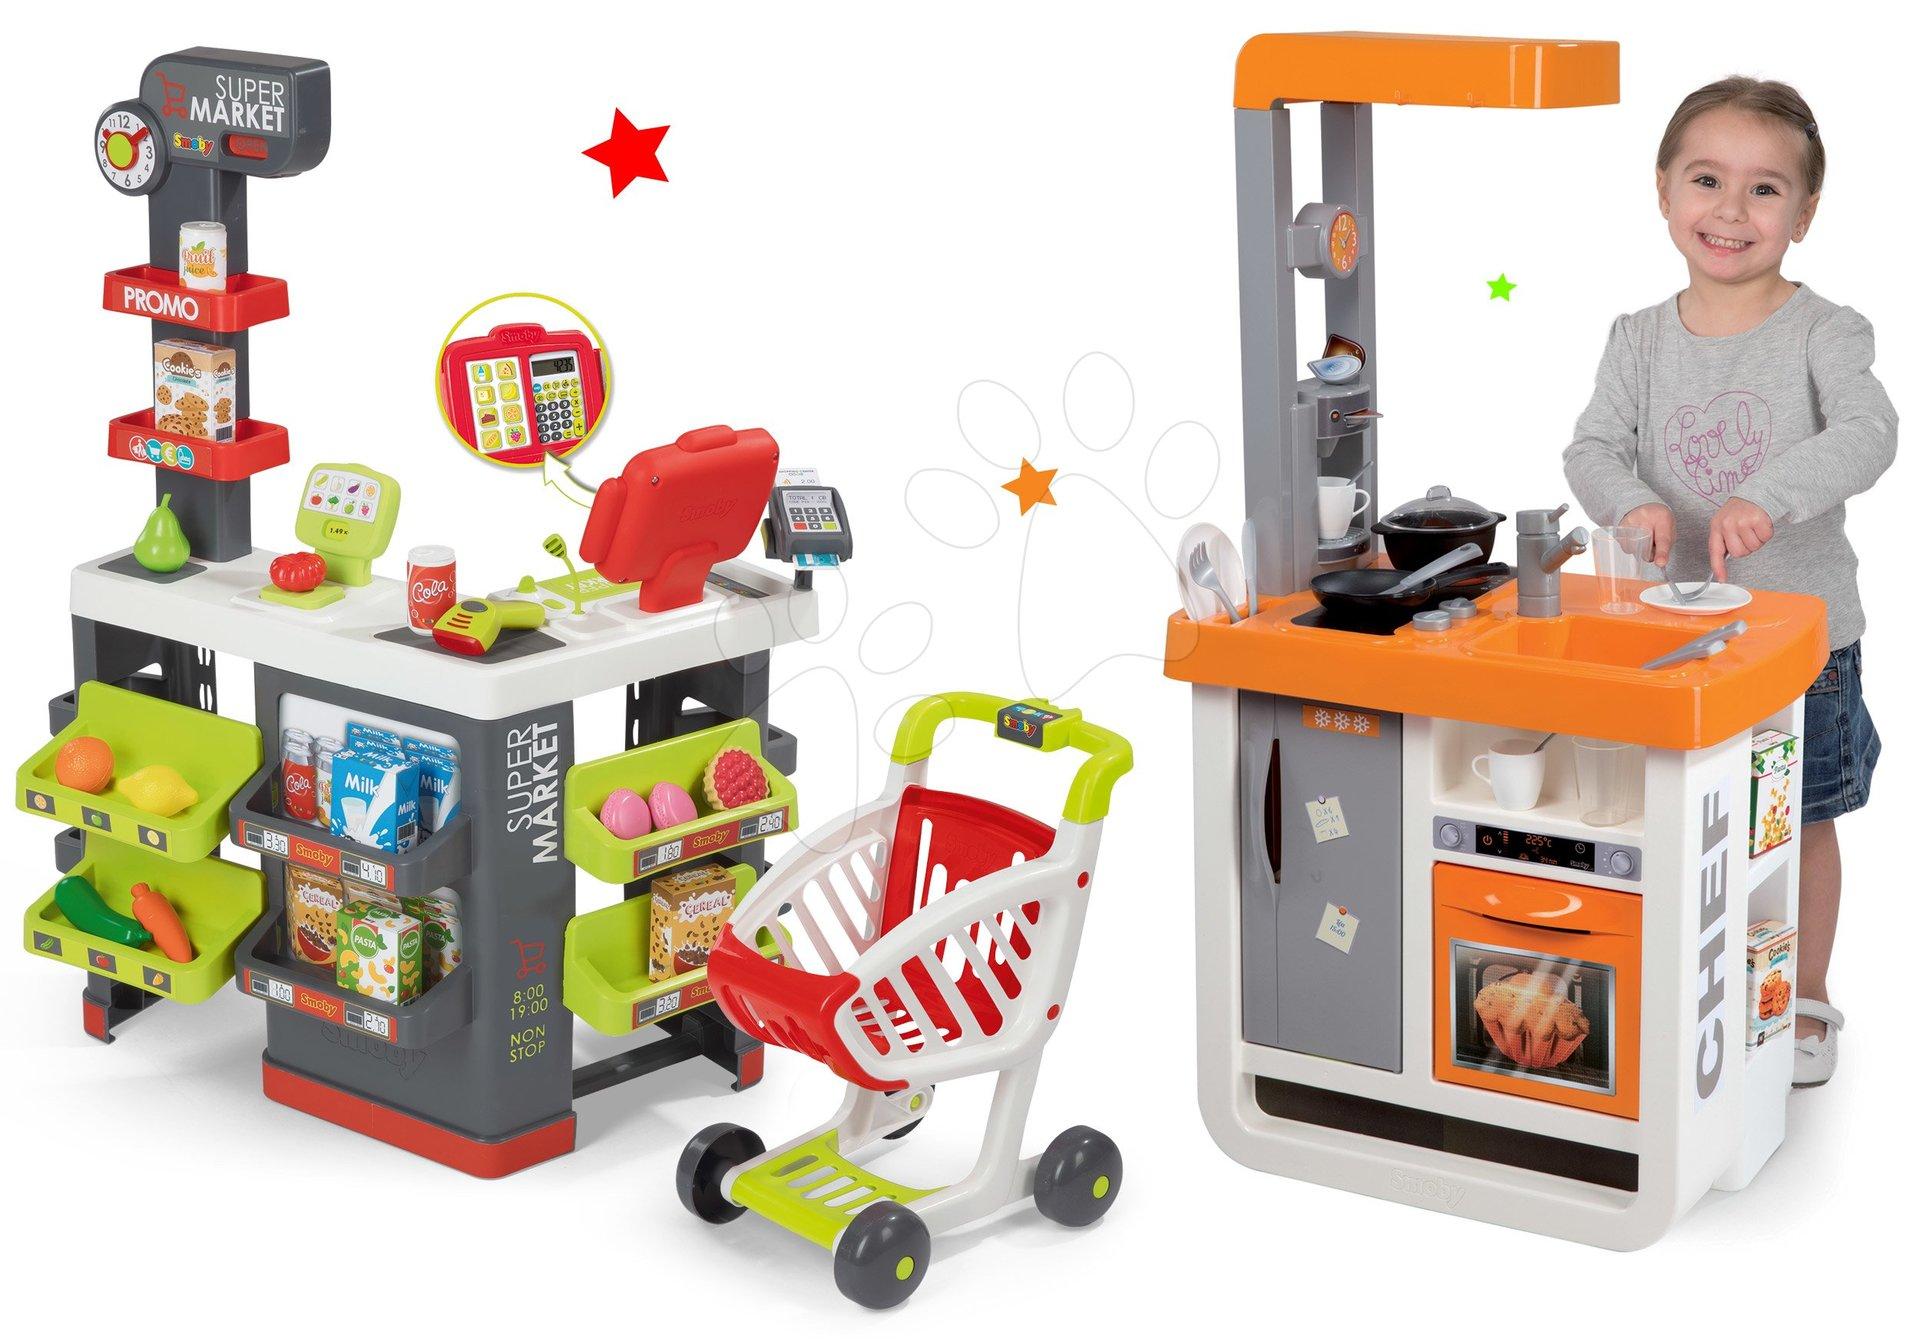 Smoby detská kuchynka Bon Appétit Chef a obchod Supermarket 310803-3